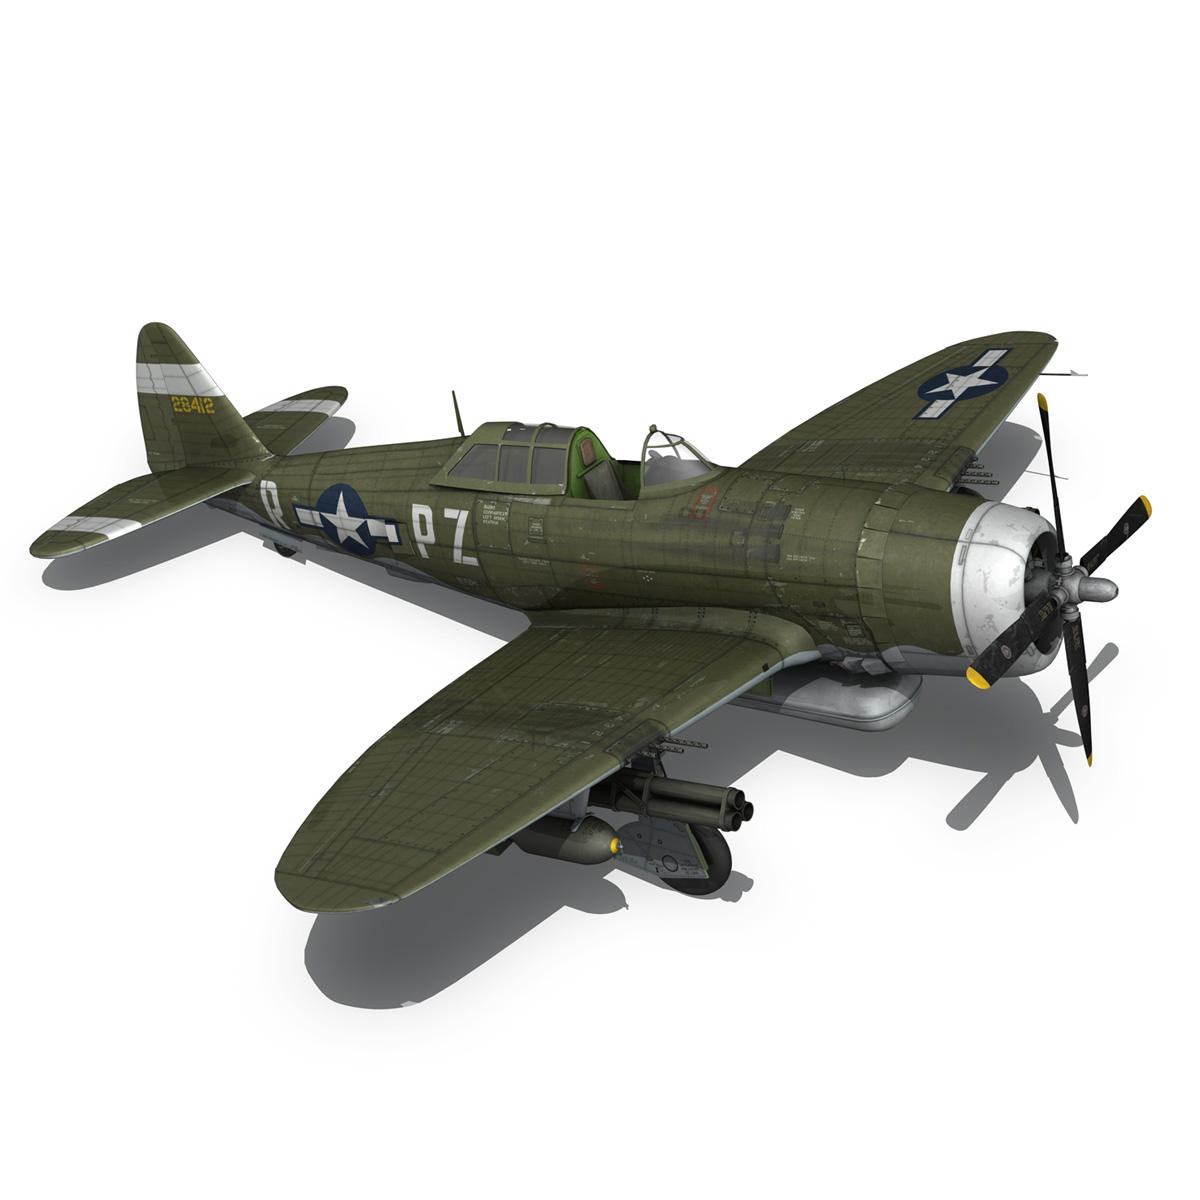 republic p-47d thunderbolt – sweetie – pz-r 3d model 3ds fbx c4d lwo obj 281846